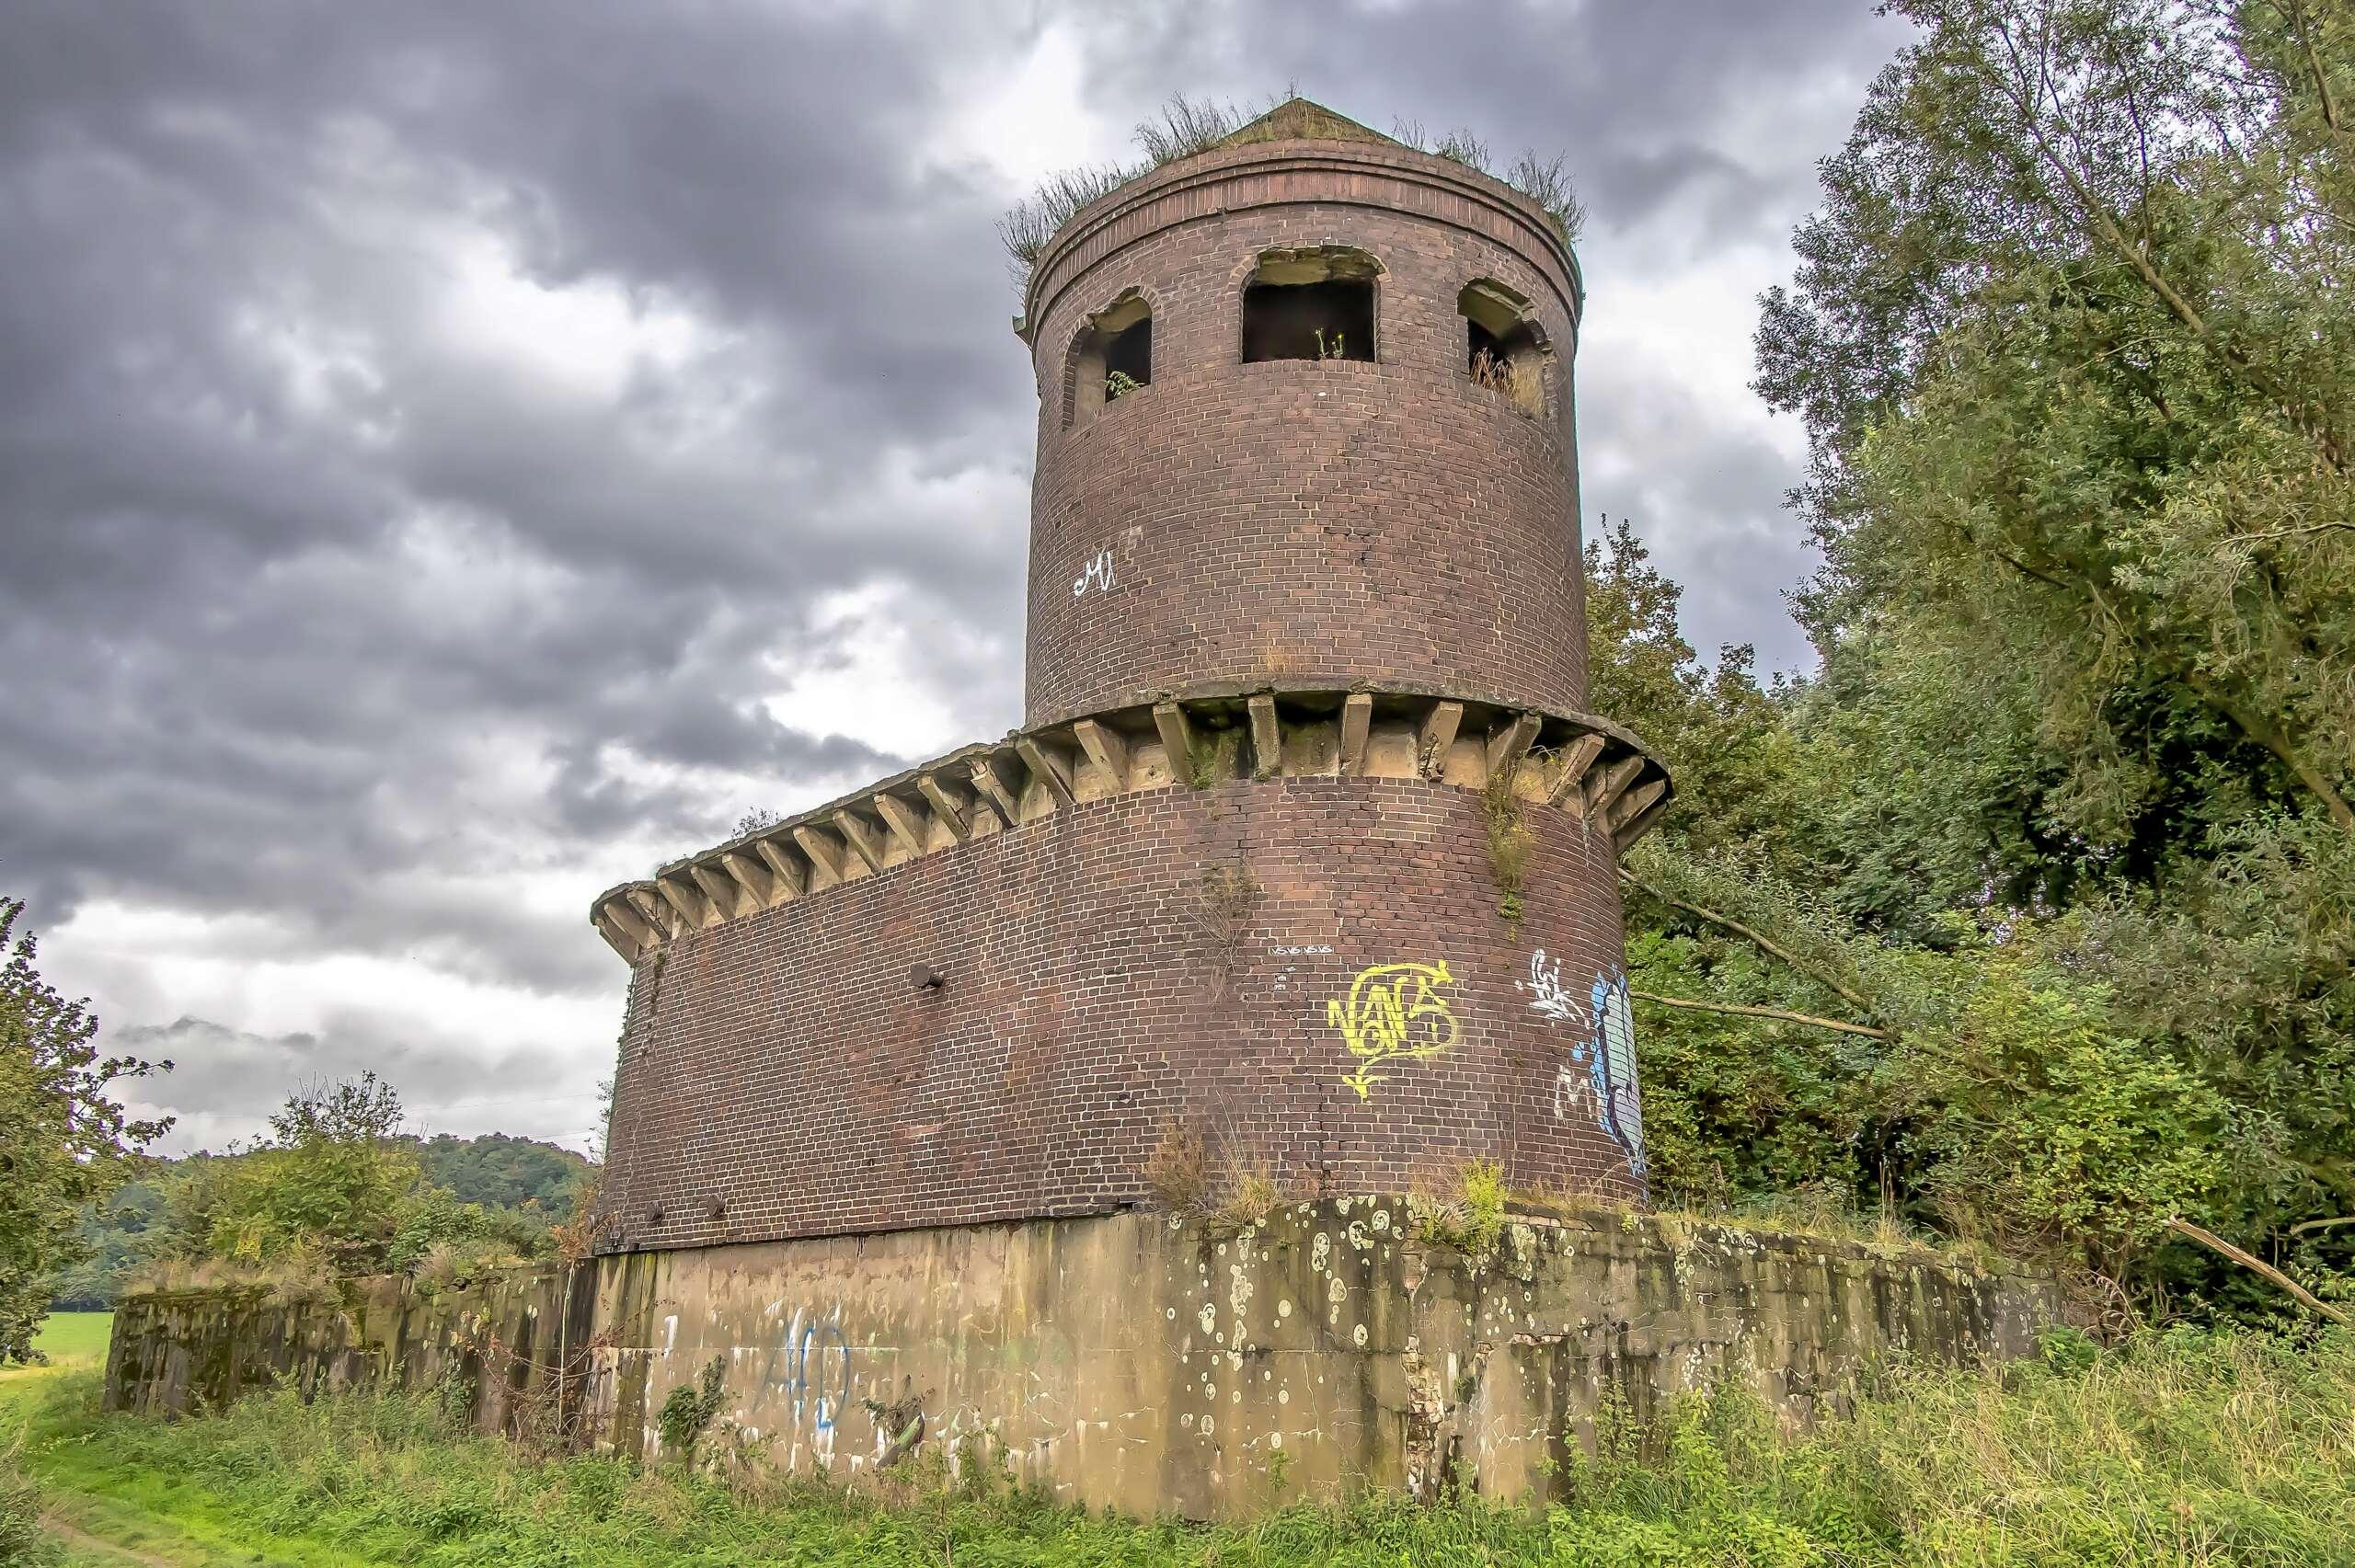 Turm in Duisburg Alsum 537